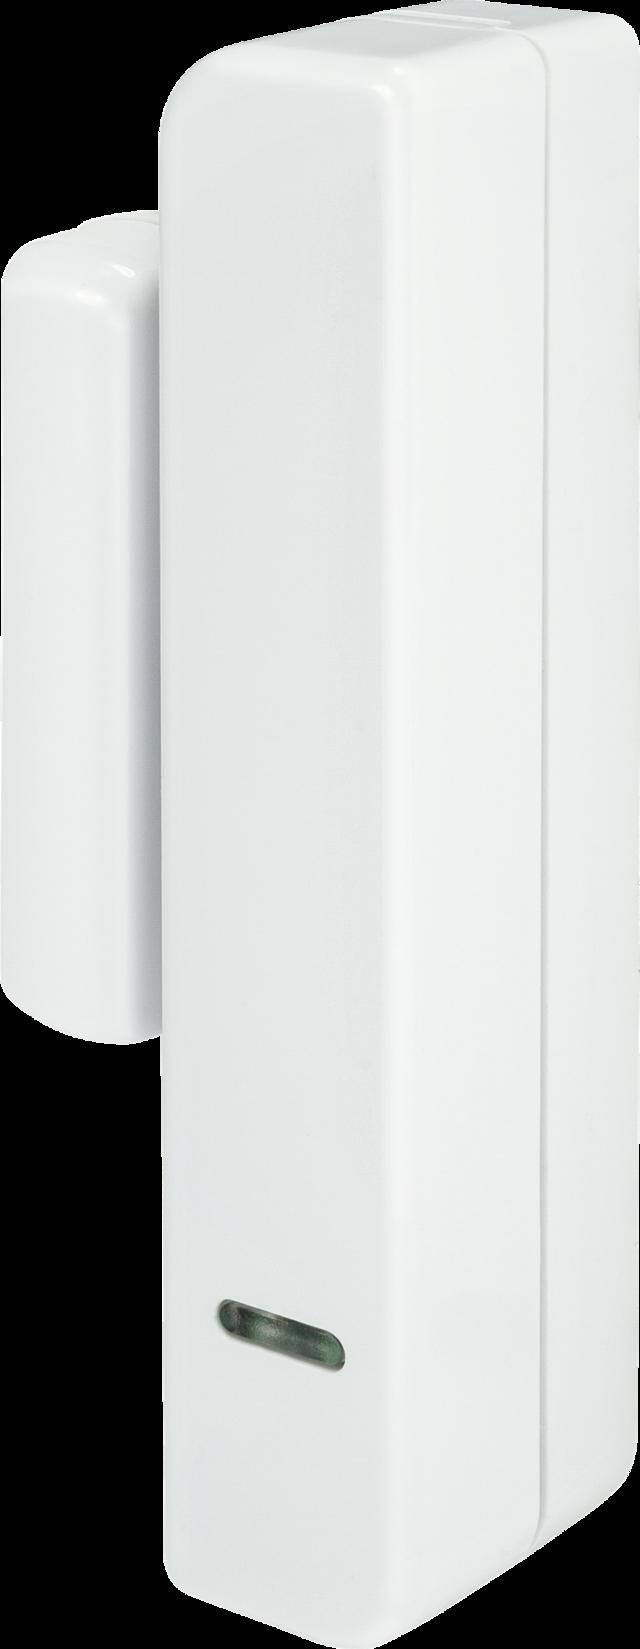 Secvest Schmaler Funk-Öffnungsmelder (weiß) Linke Vorderansicht